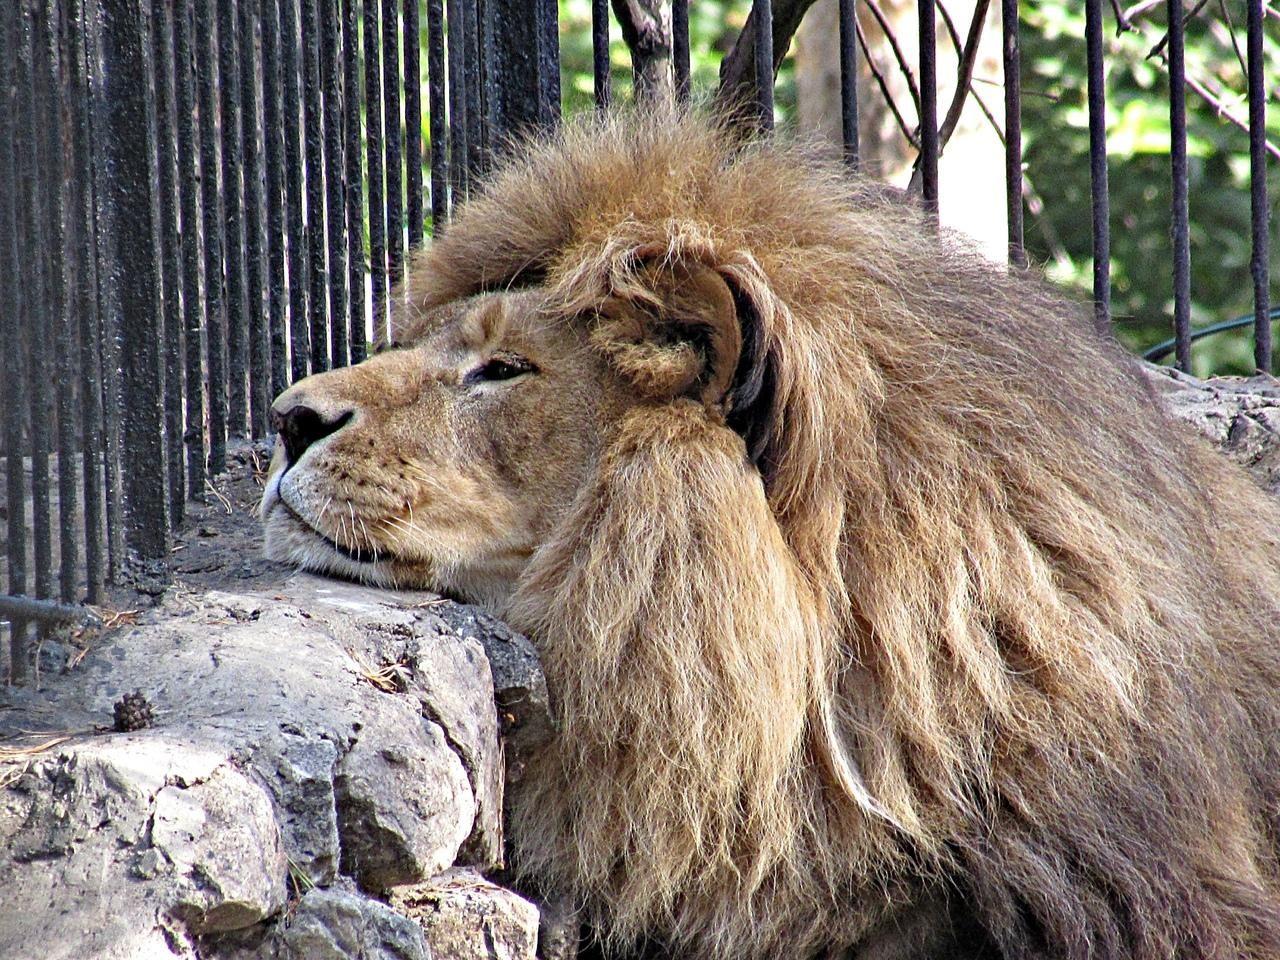 Ленинградский зоопарк — википедия. что такое ленинградский зоопарк